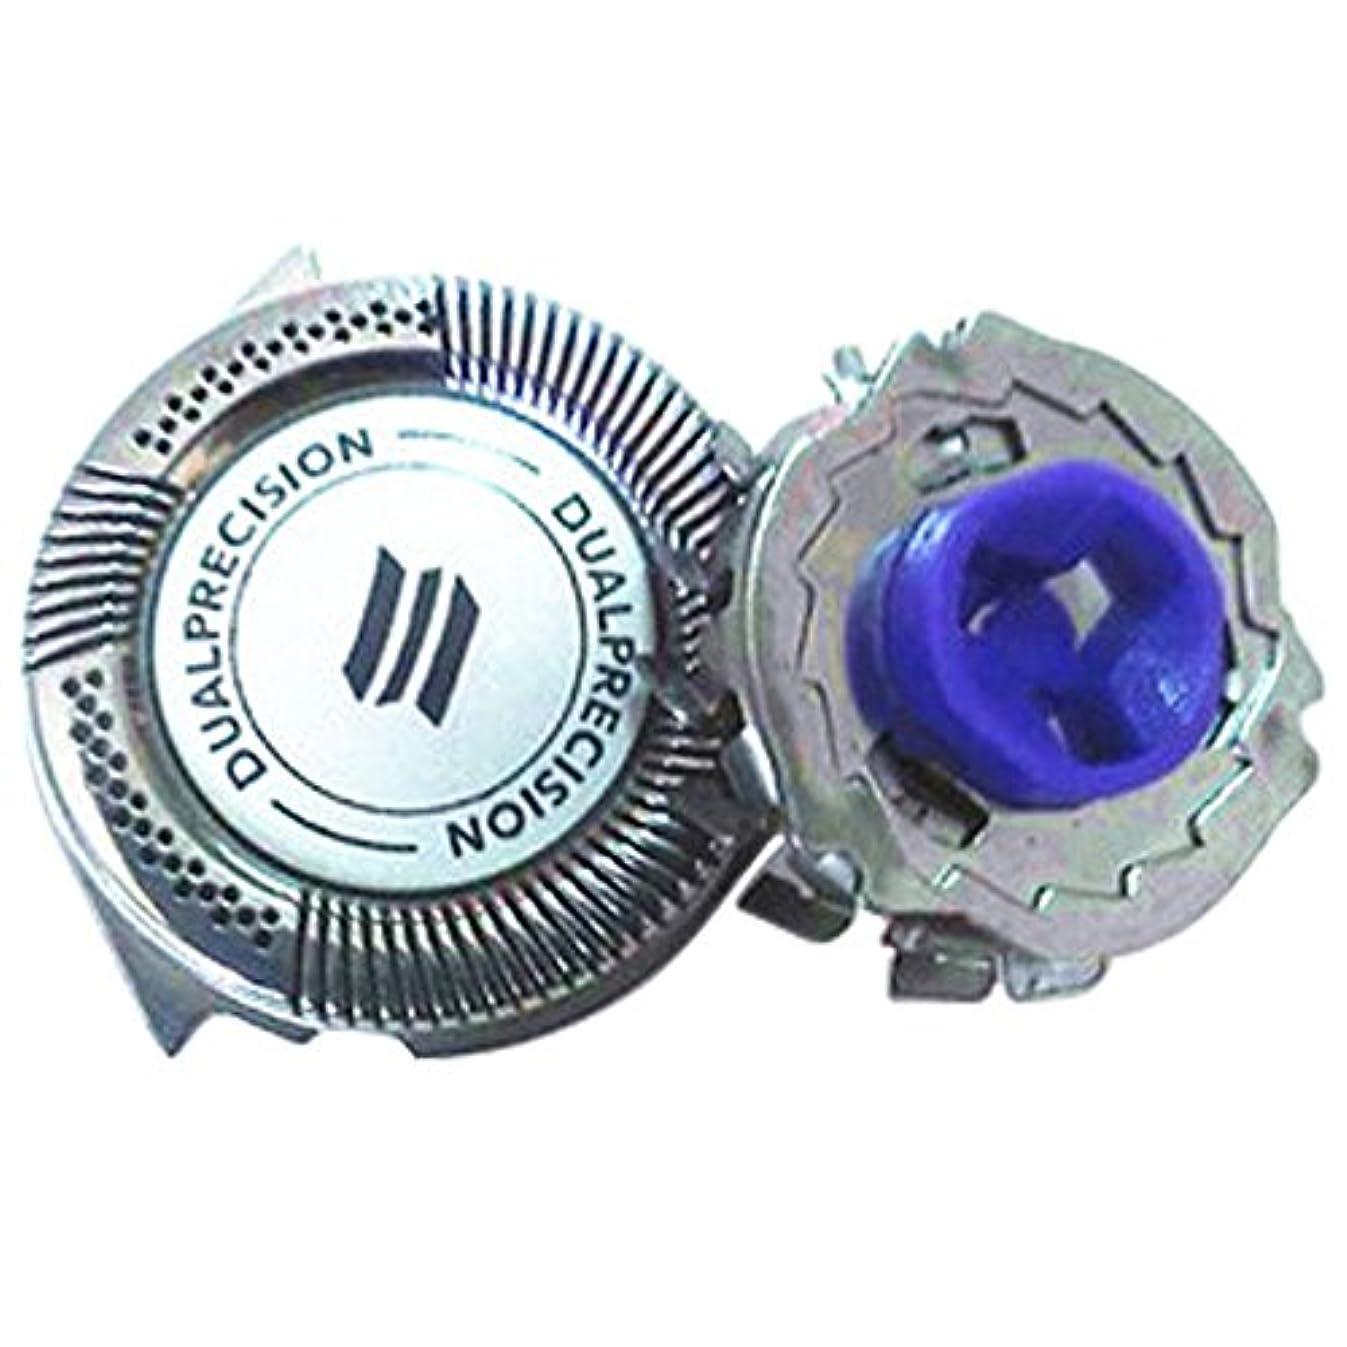 受け皿路面電車取り囲むJuleyaing 置換 シェーバー かみそり 頭 刃 for Philips HQ7310 PT720 PT725 HQ7140 HQ7390